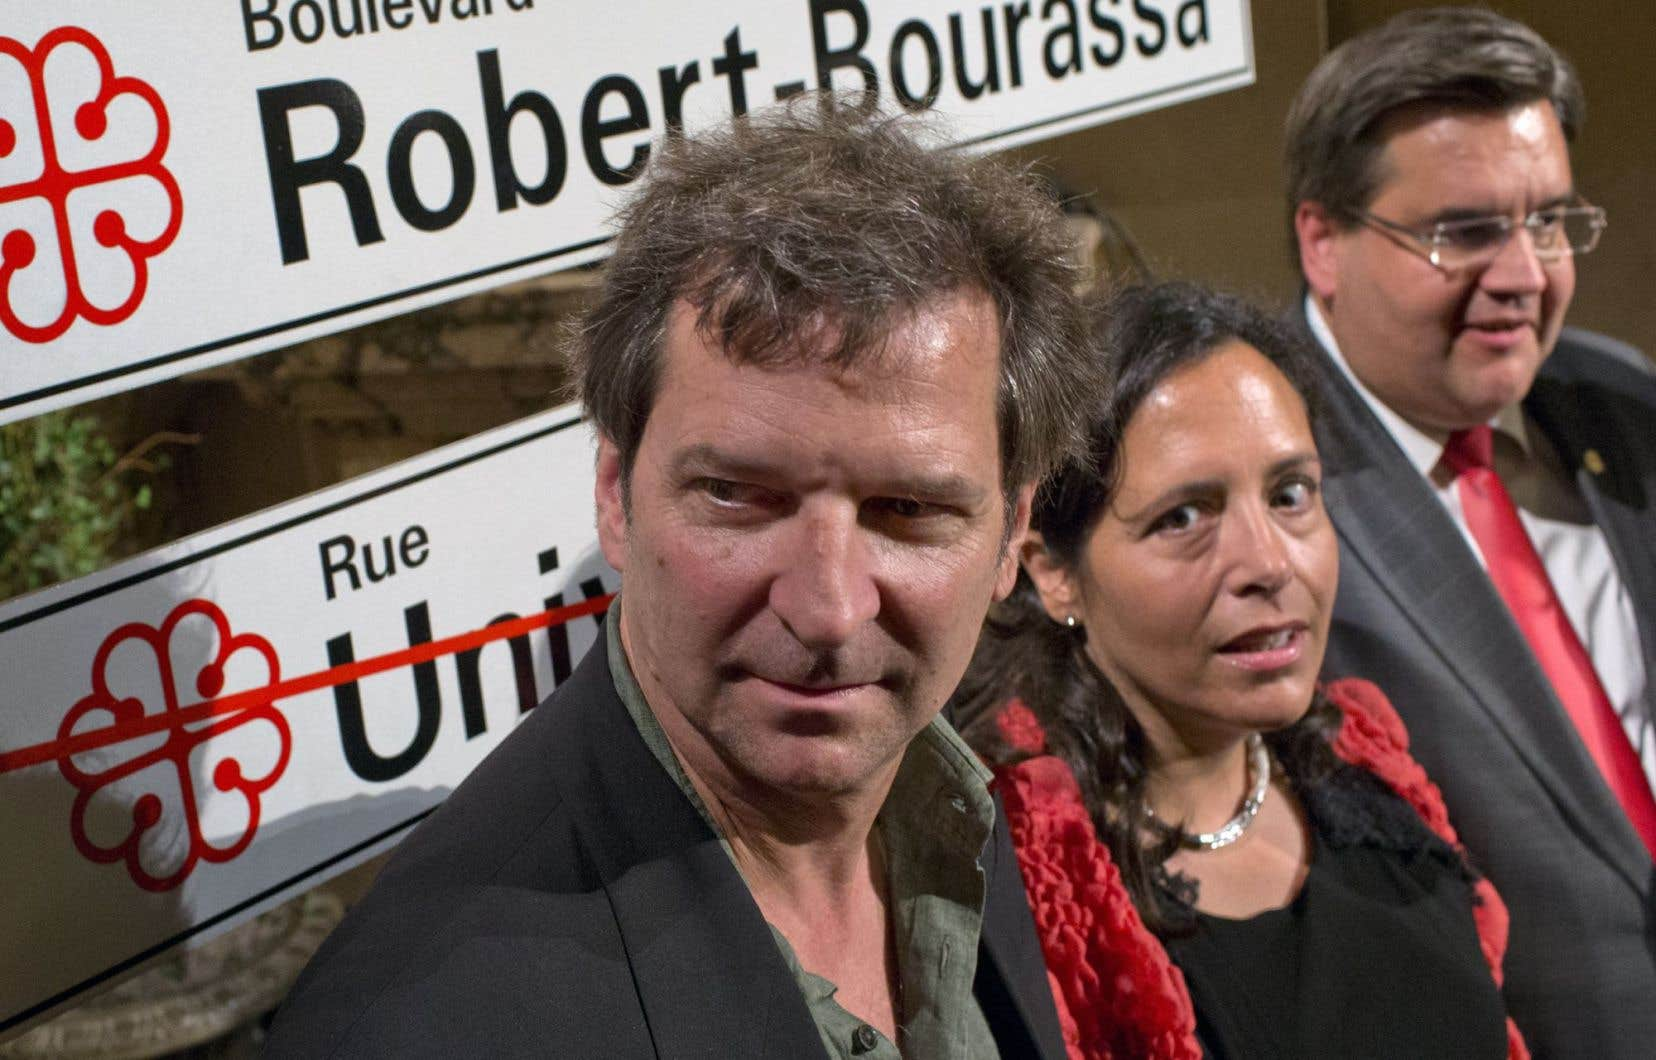 François et Michelle Bourassa, les enfants de Robert Bourassa, ont procédé à l'annonce mercredi soir avec le maire de Montréal, Denis Coderre.